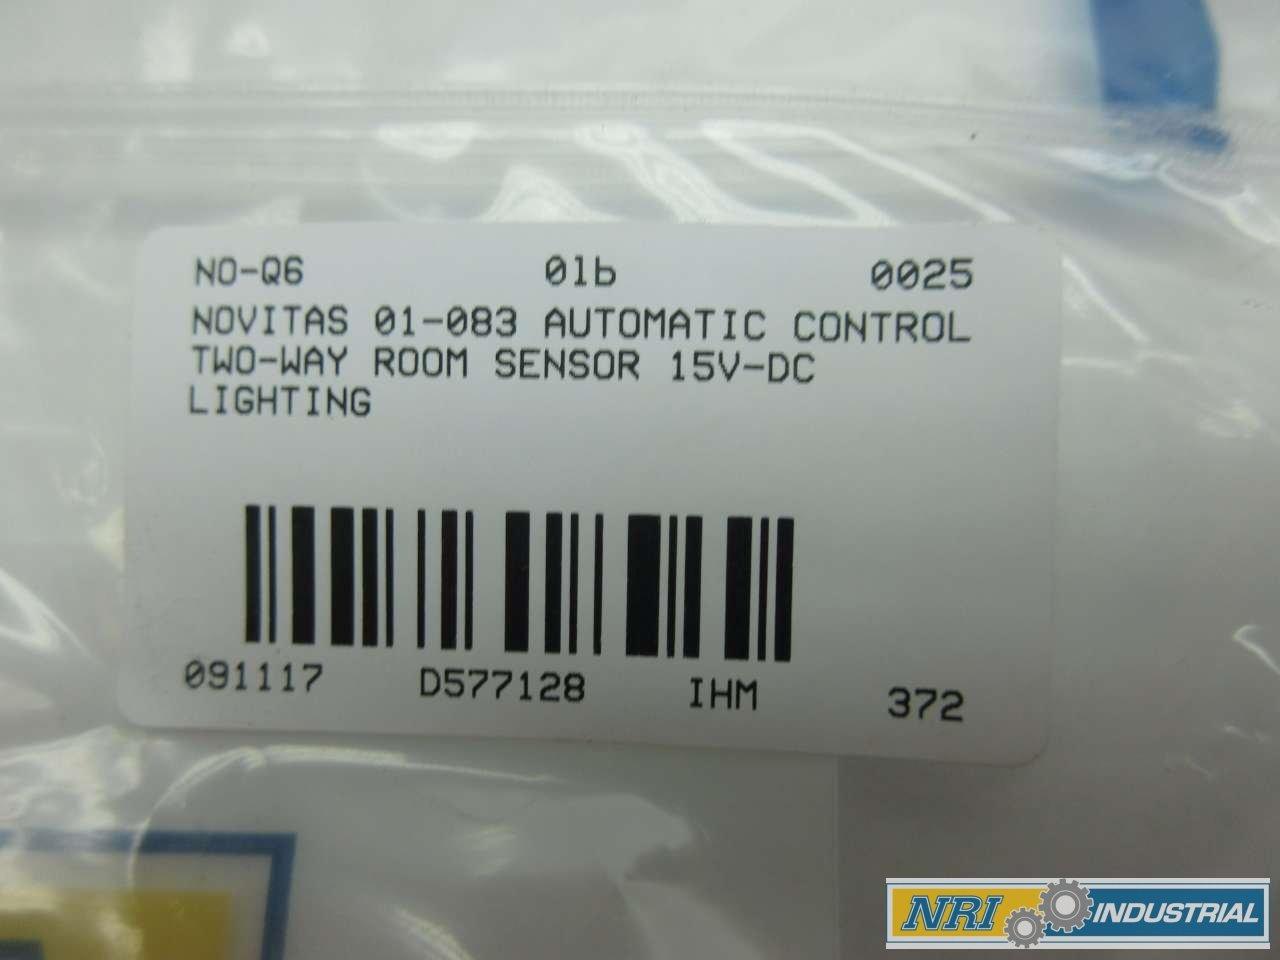 NOVITAS 01-083 AUTOMATIC LIGHTING CONTROL TWO-WAY ROOM SENSOR 15V-DC ...